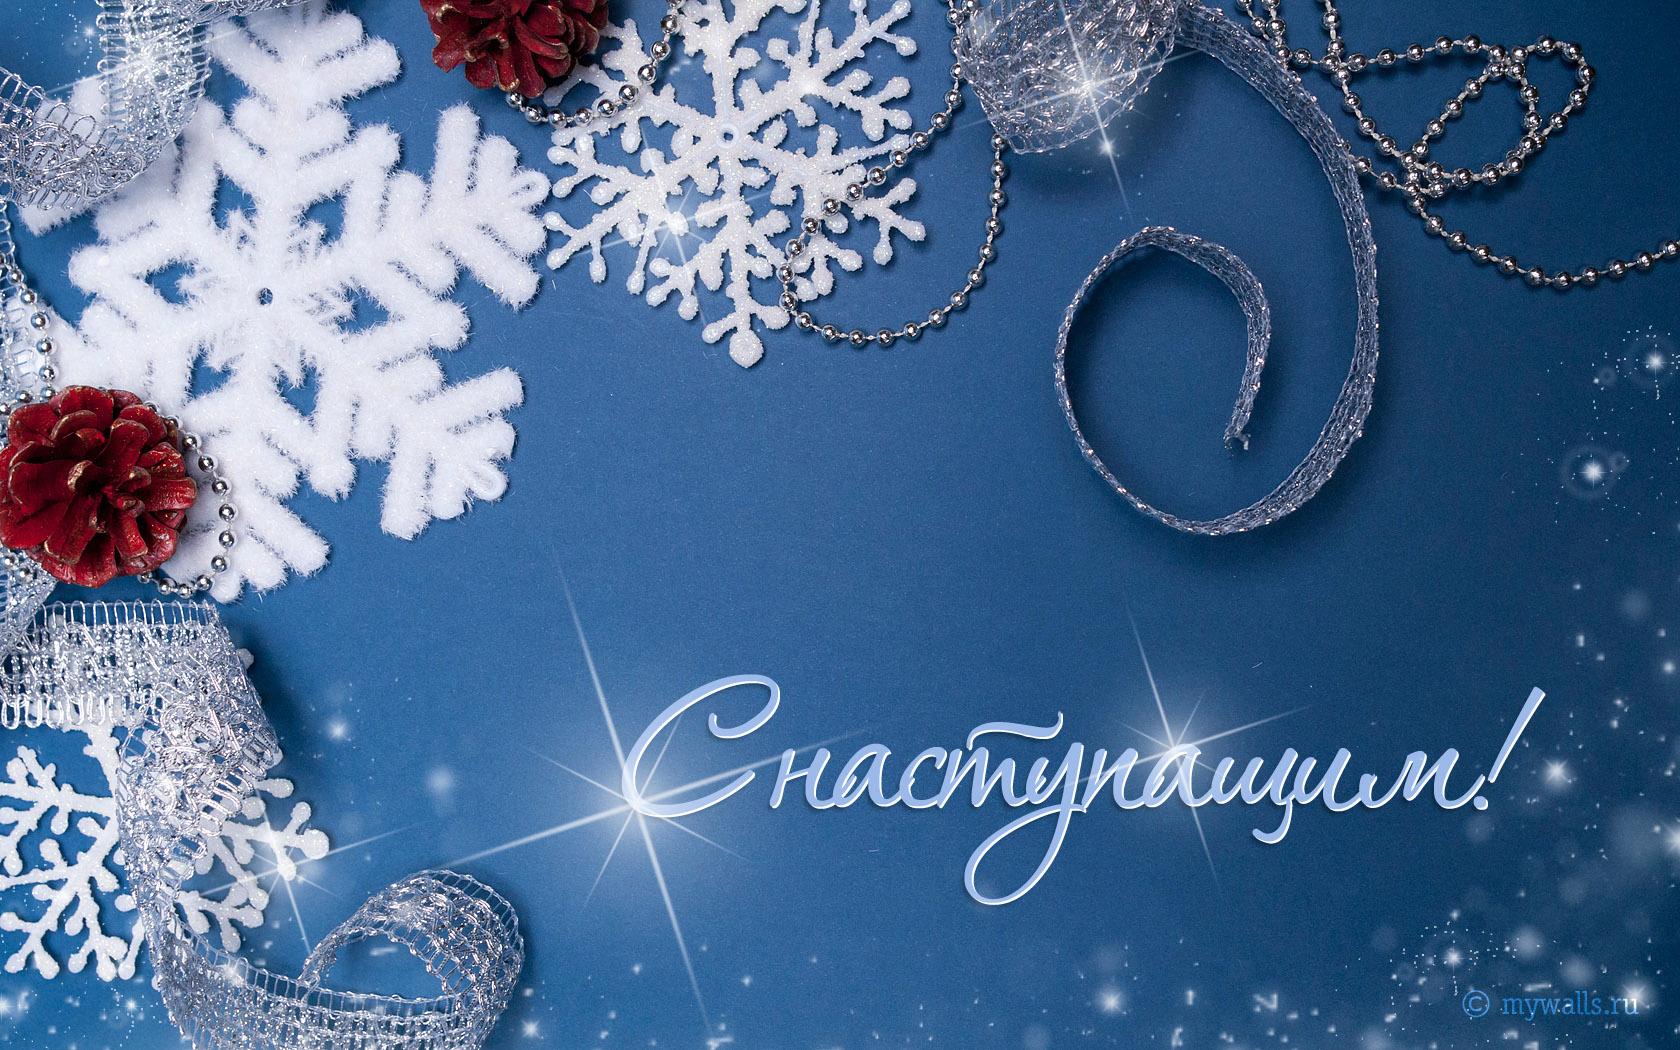 Благодарности любовью, поздравительная электронная открытка с наступающим новым годом